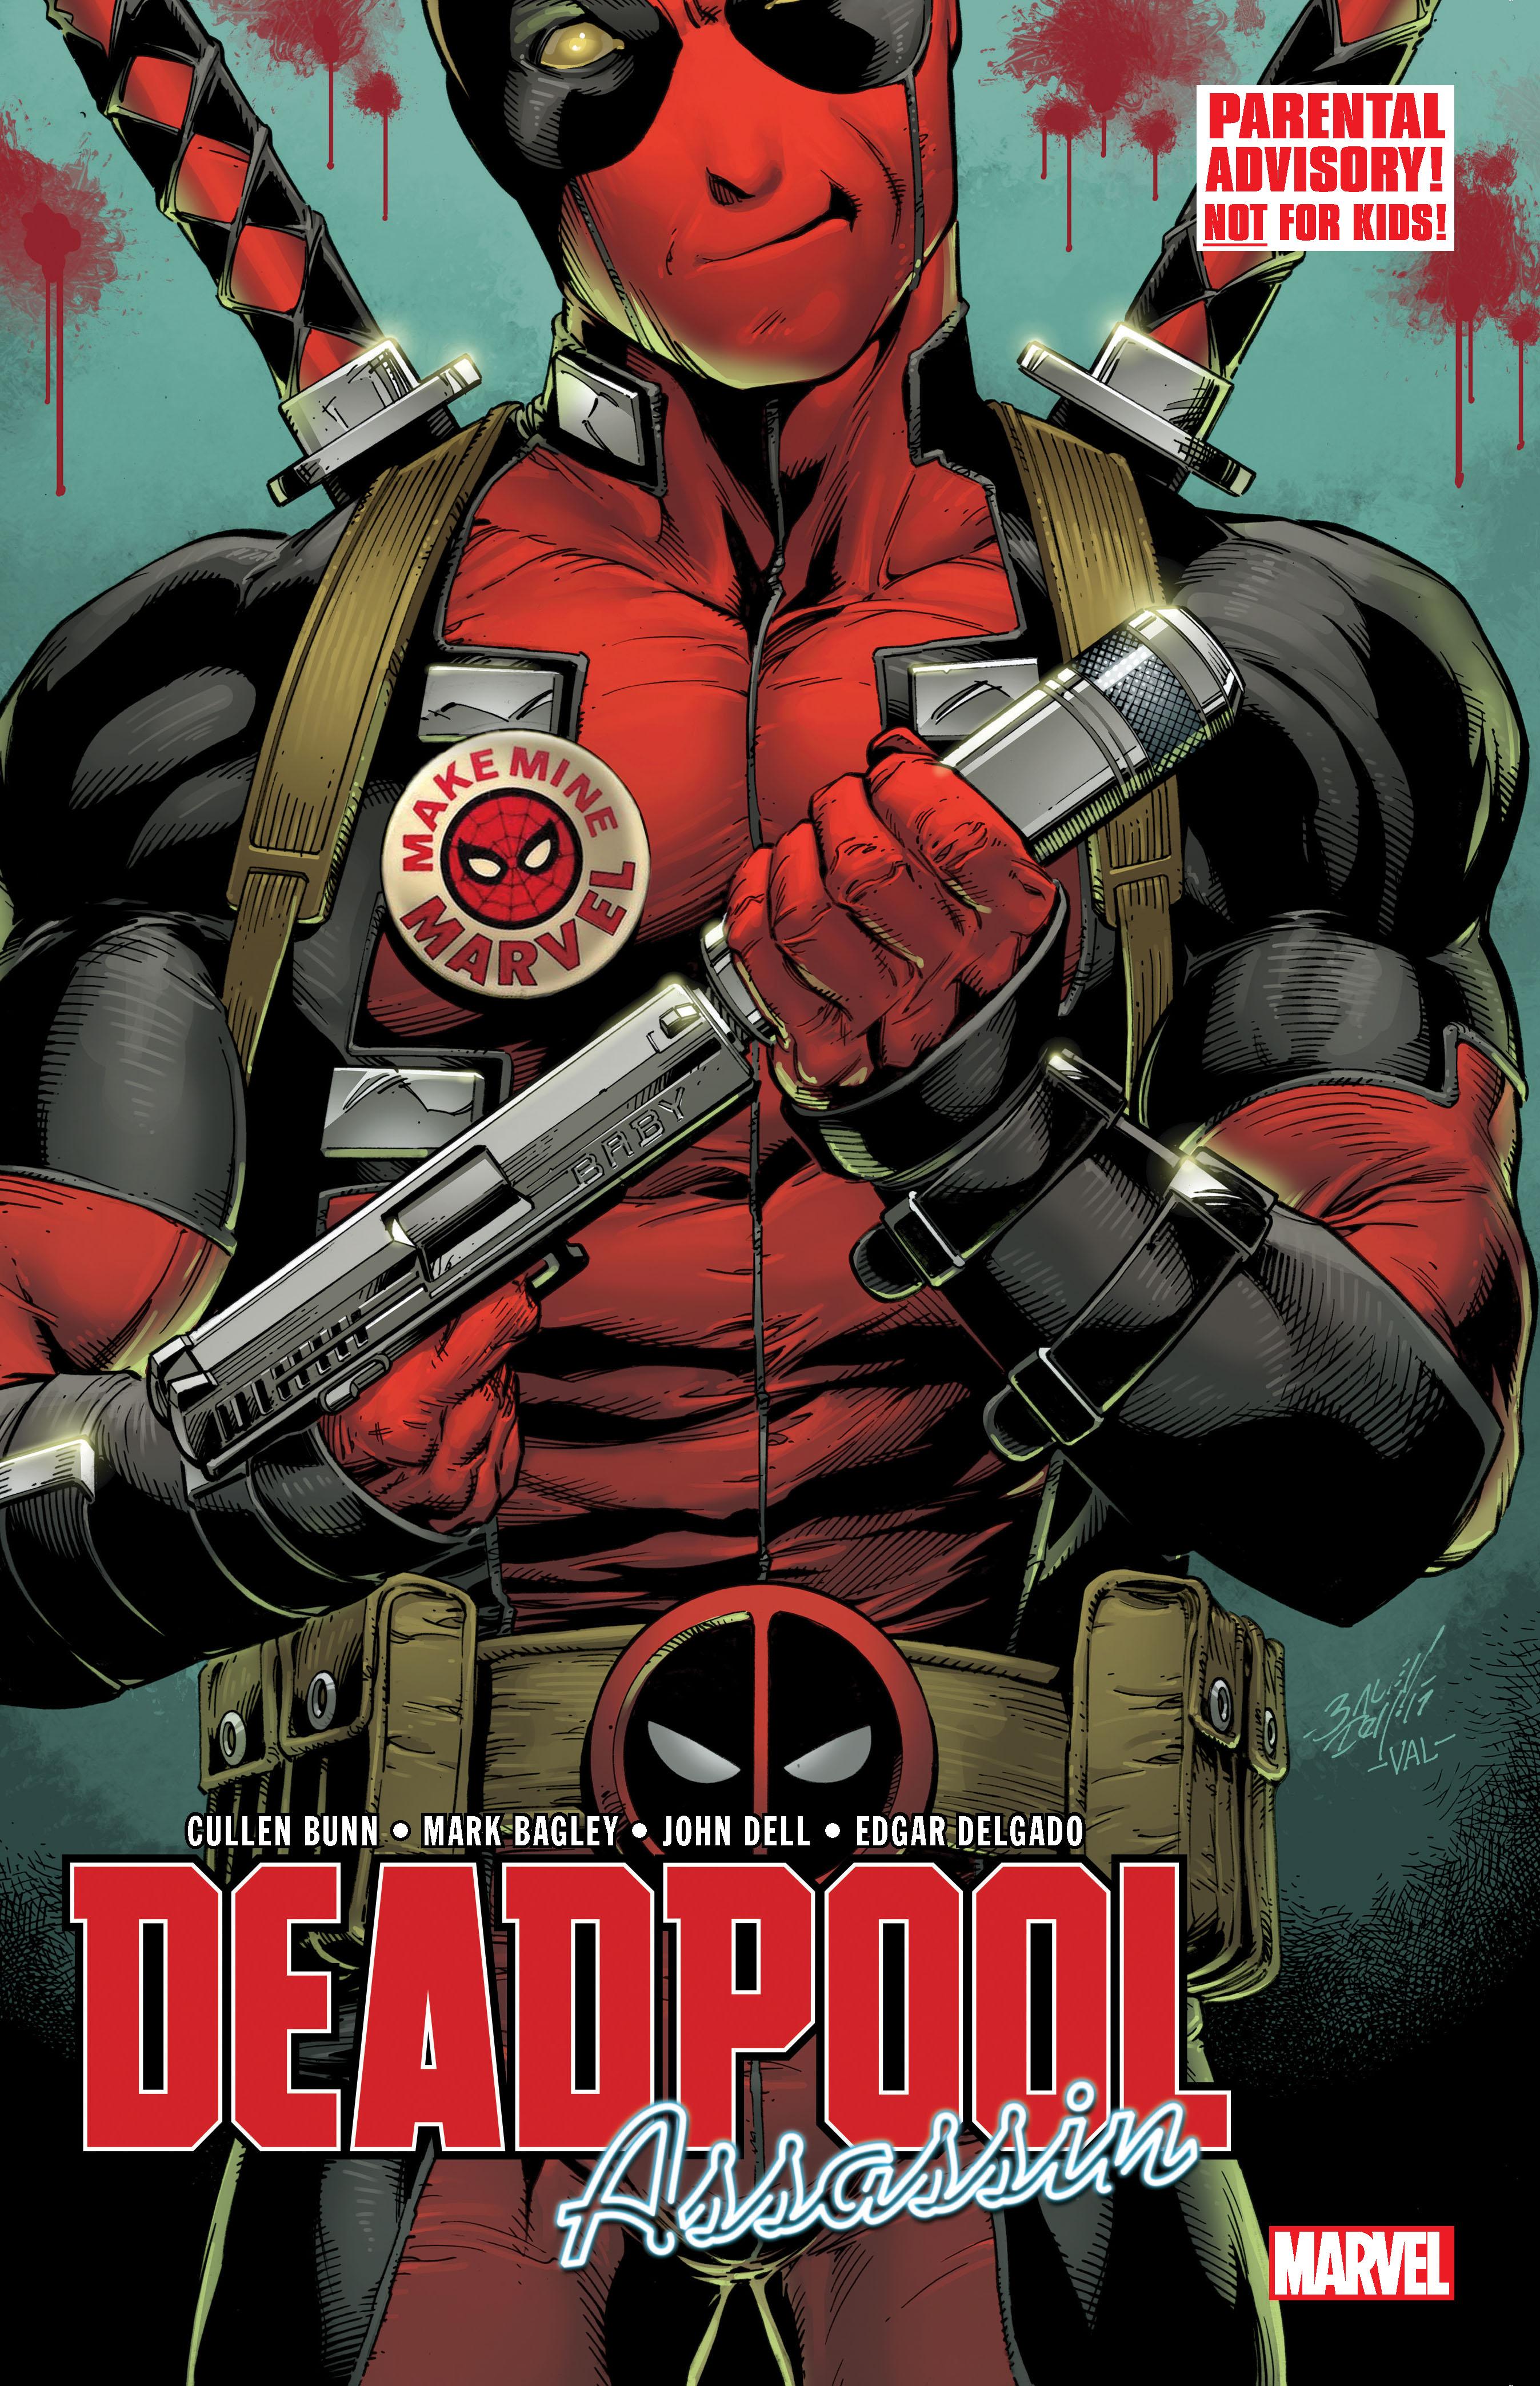 Deadpool: Assassin (Trade Paperback)